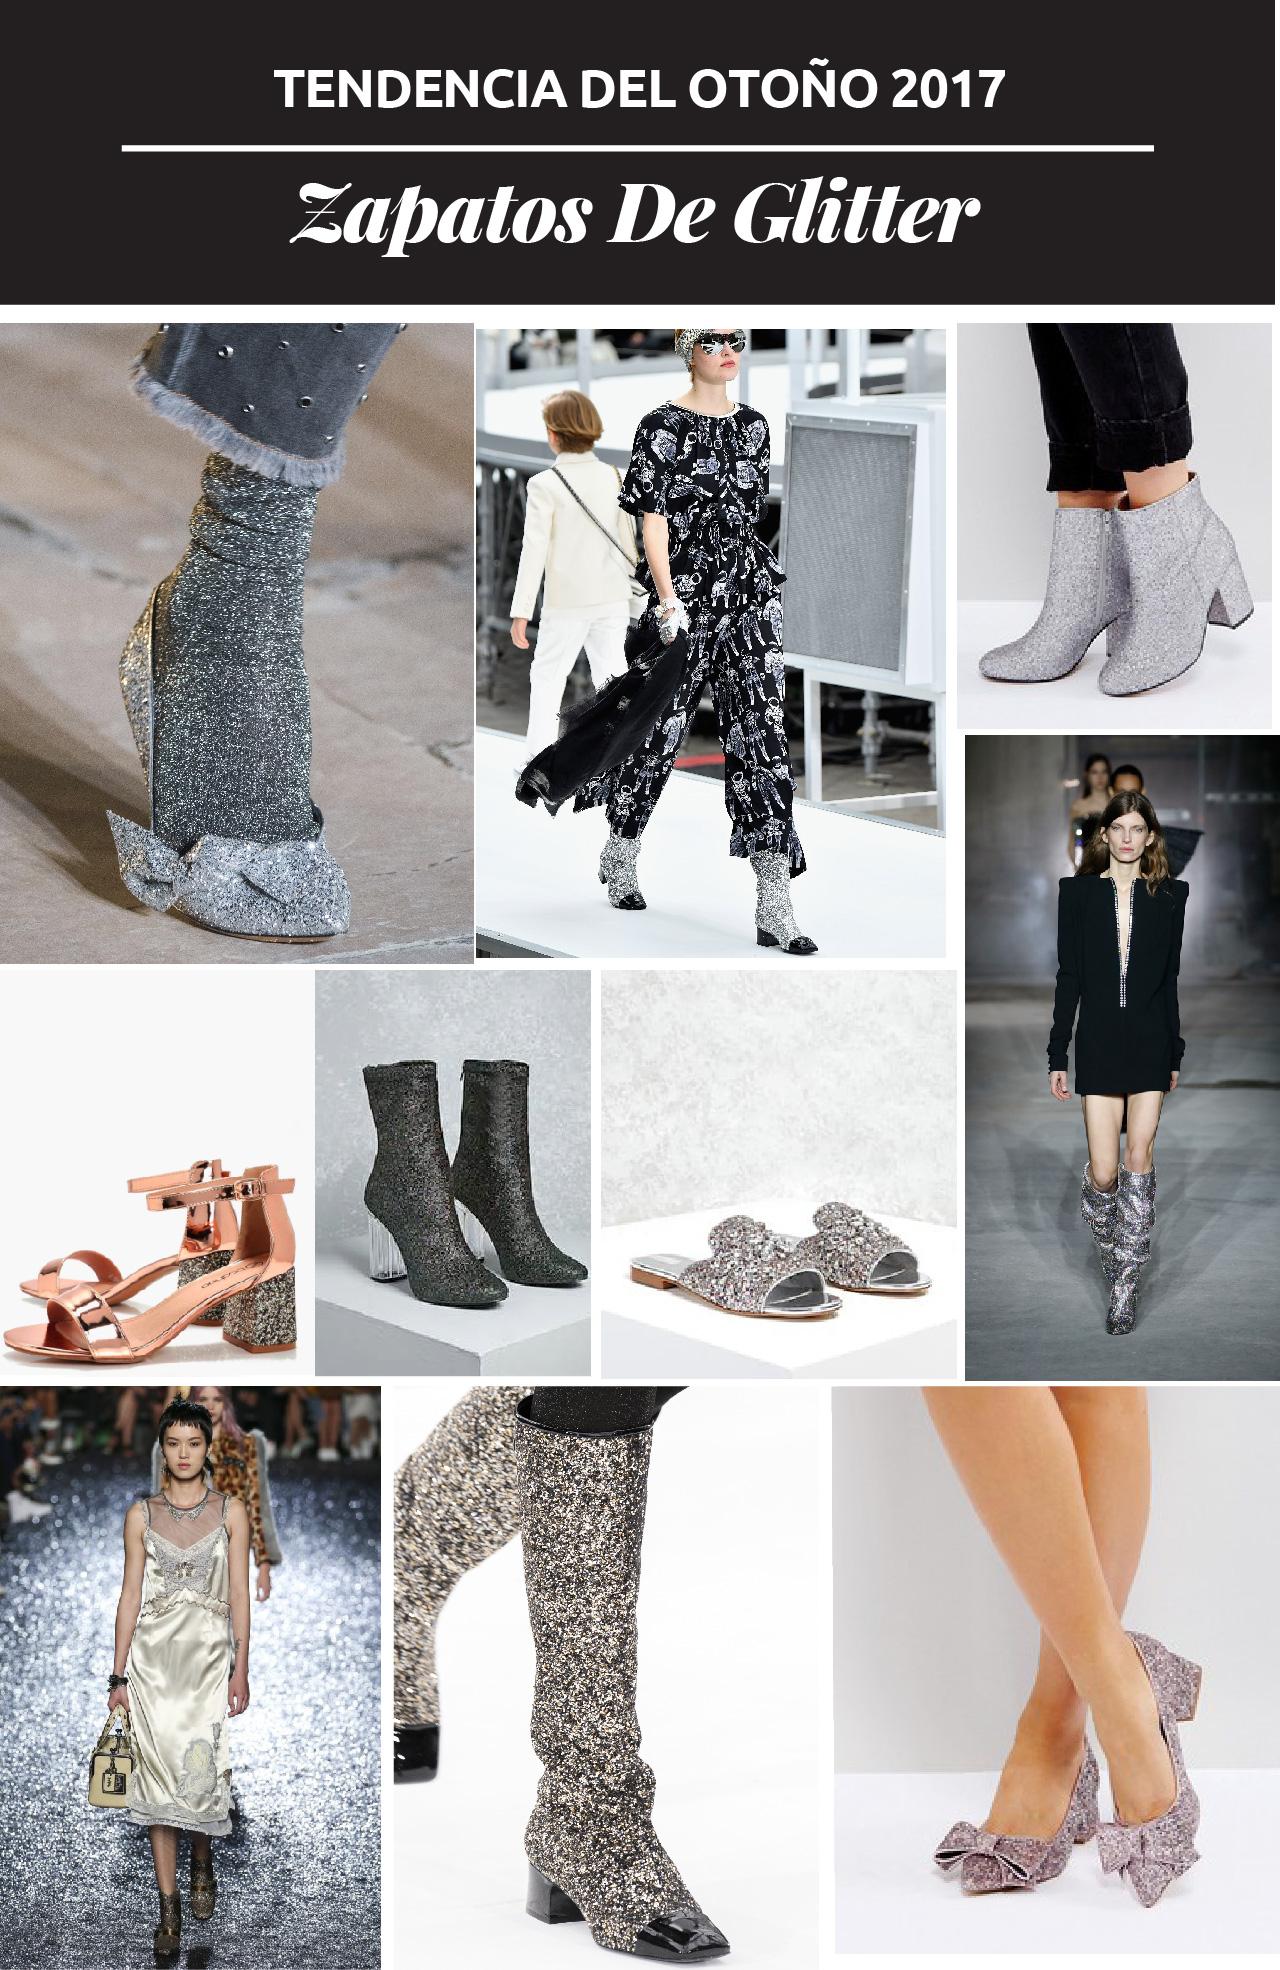 En NYFW marcas presentaron zapatos con glitter en sus ultimas colecciones. Aquí te damos una guía de 15 zapatos con glitter que puedes usar esta temporada.